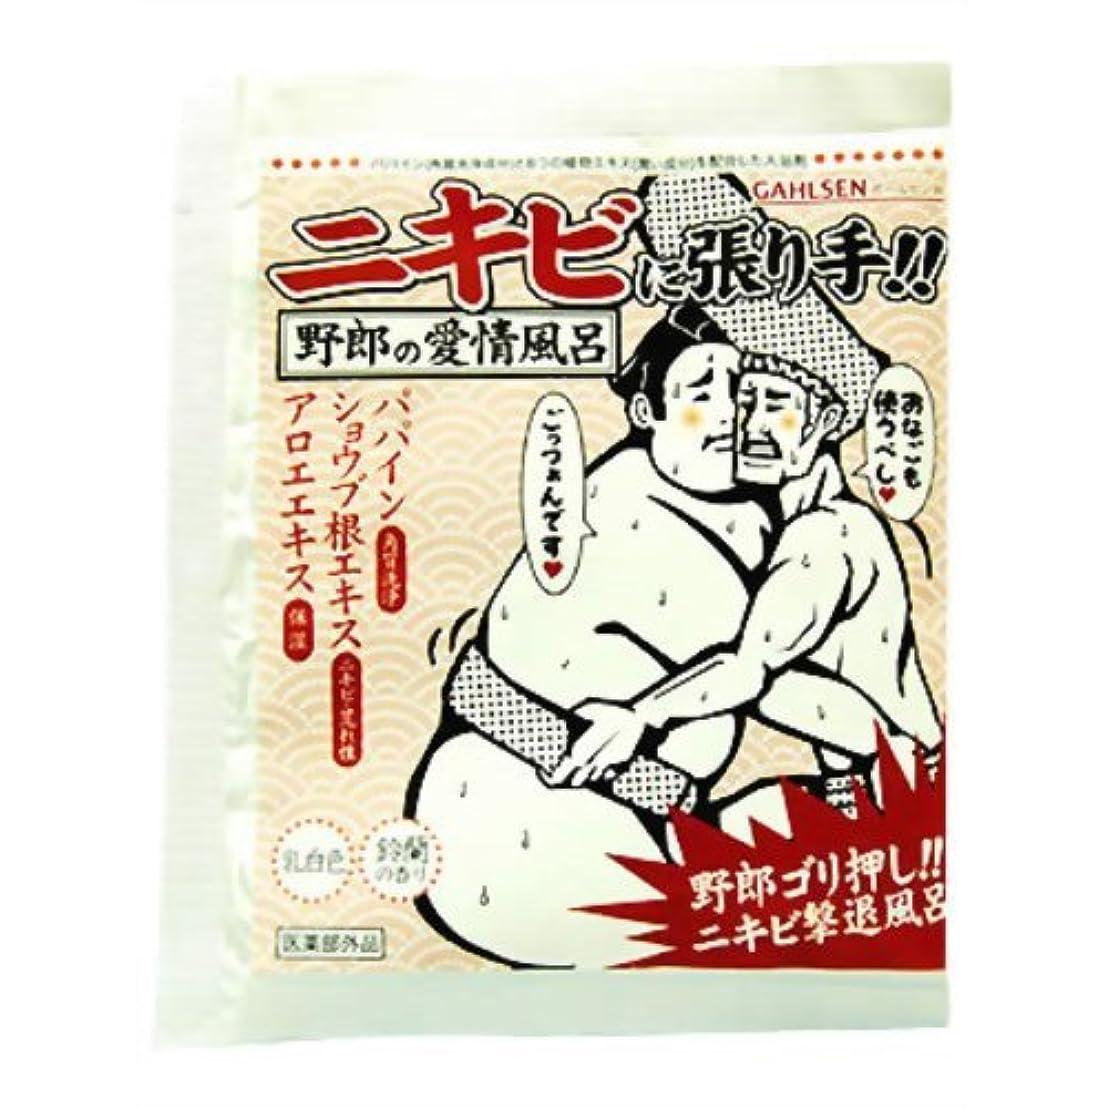 衛星スマッシュ労働者ガールセンW 25g*10袋(入浴剤)